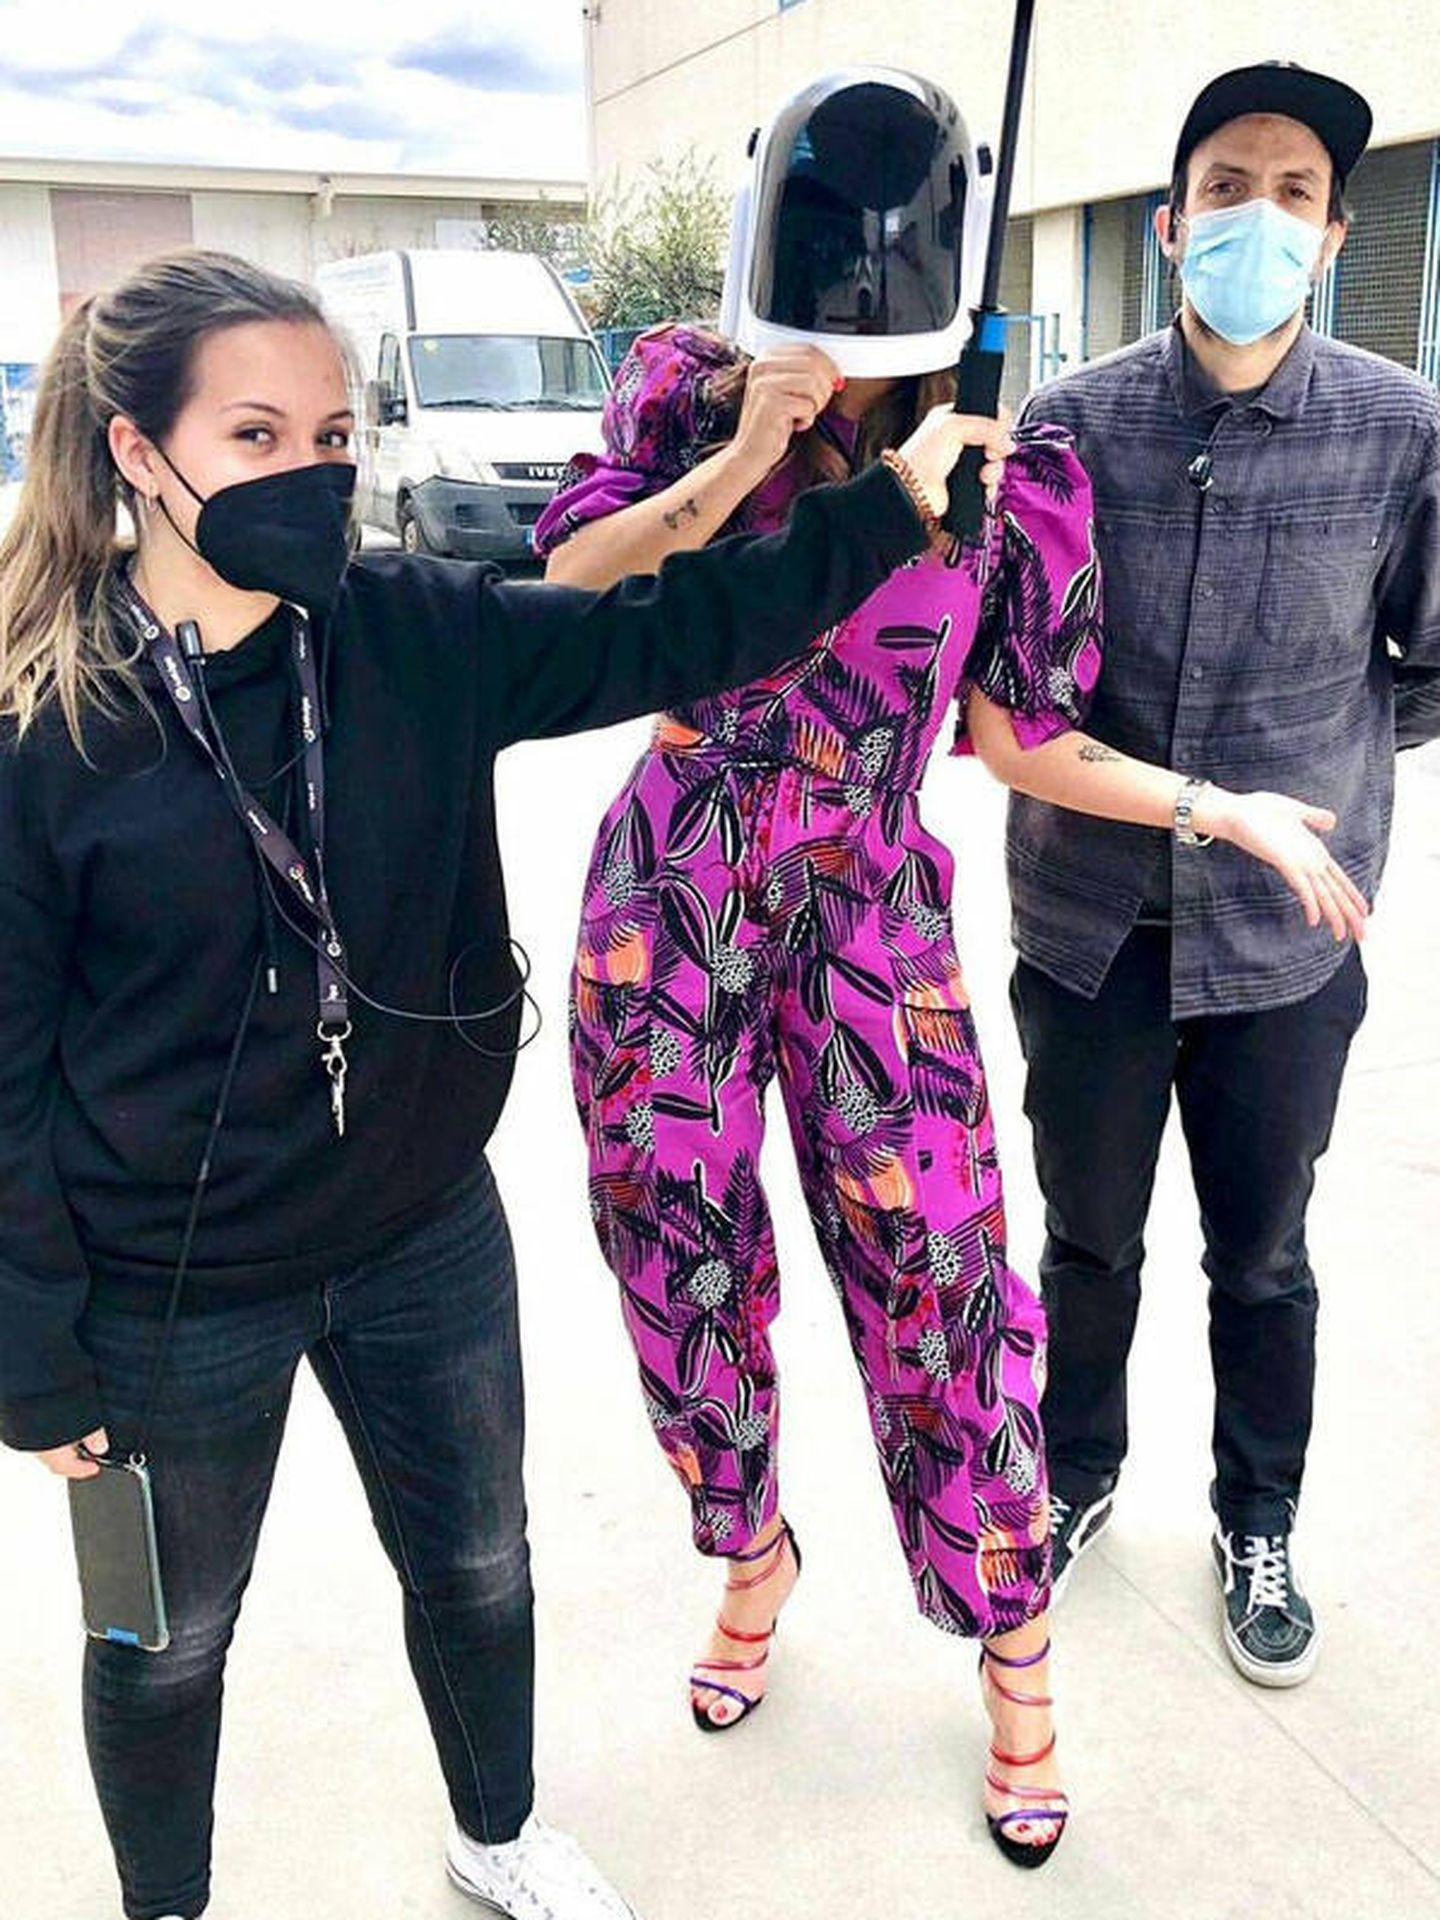 Nuria Roca oculta bajo una máscara.  (Instagram @nuriarocagranell)